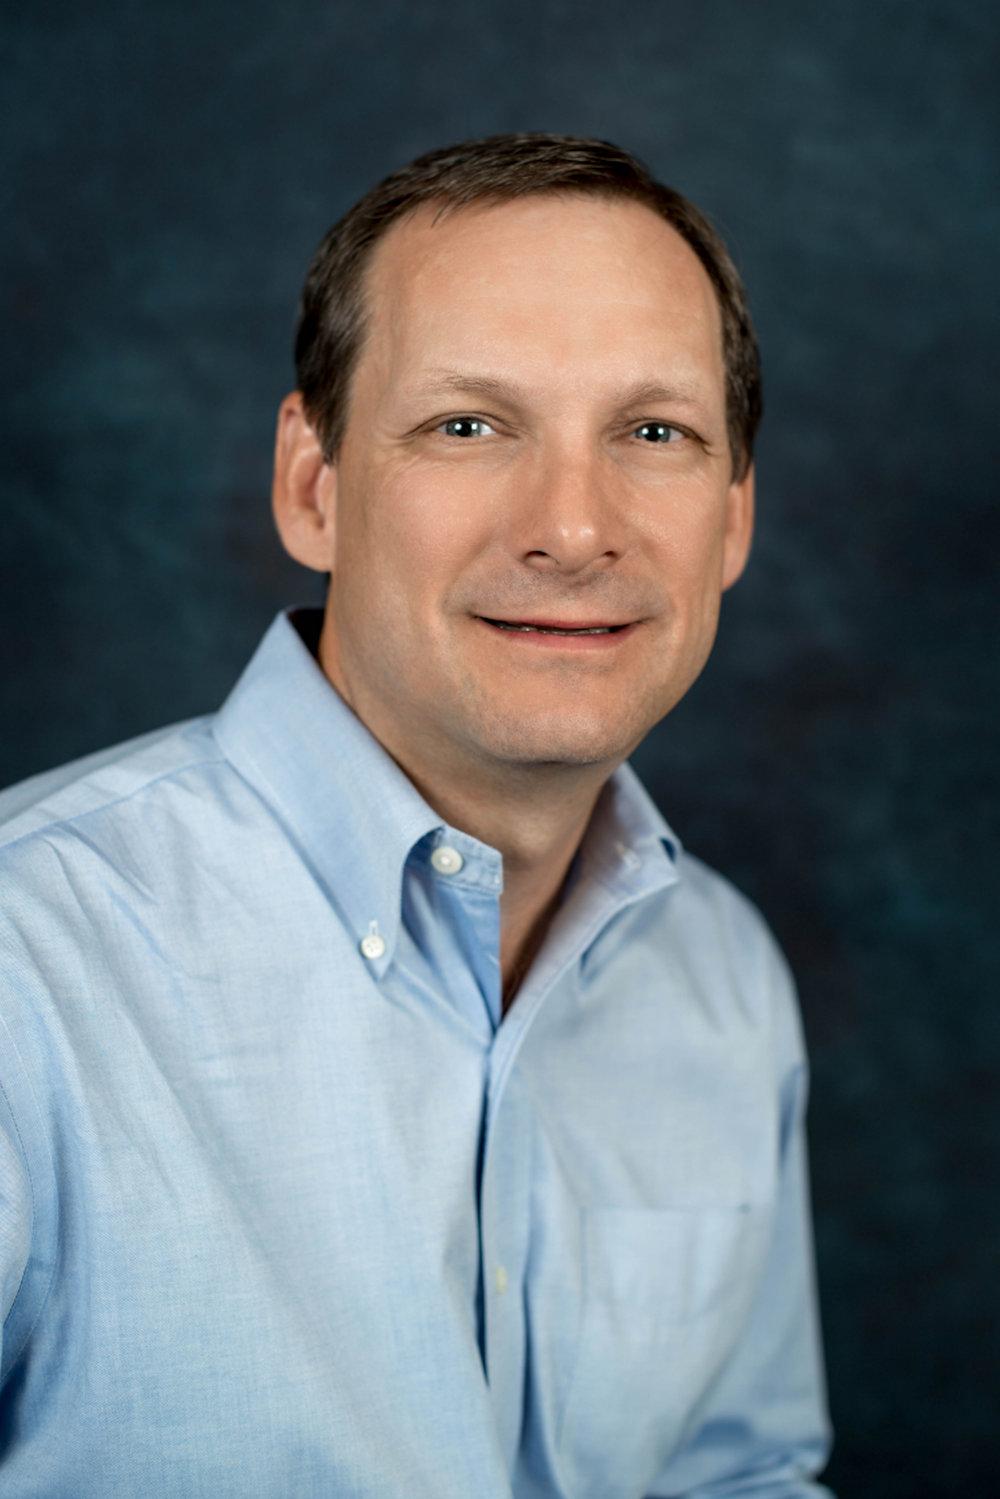 Jeff Hastings, BrightSigns vd, stormtrivs i en vibrerande och snabbt växande bransch som digital signage.